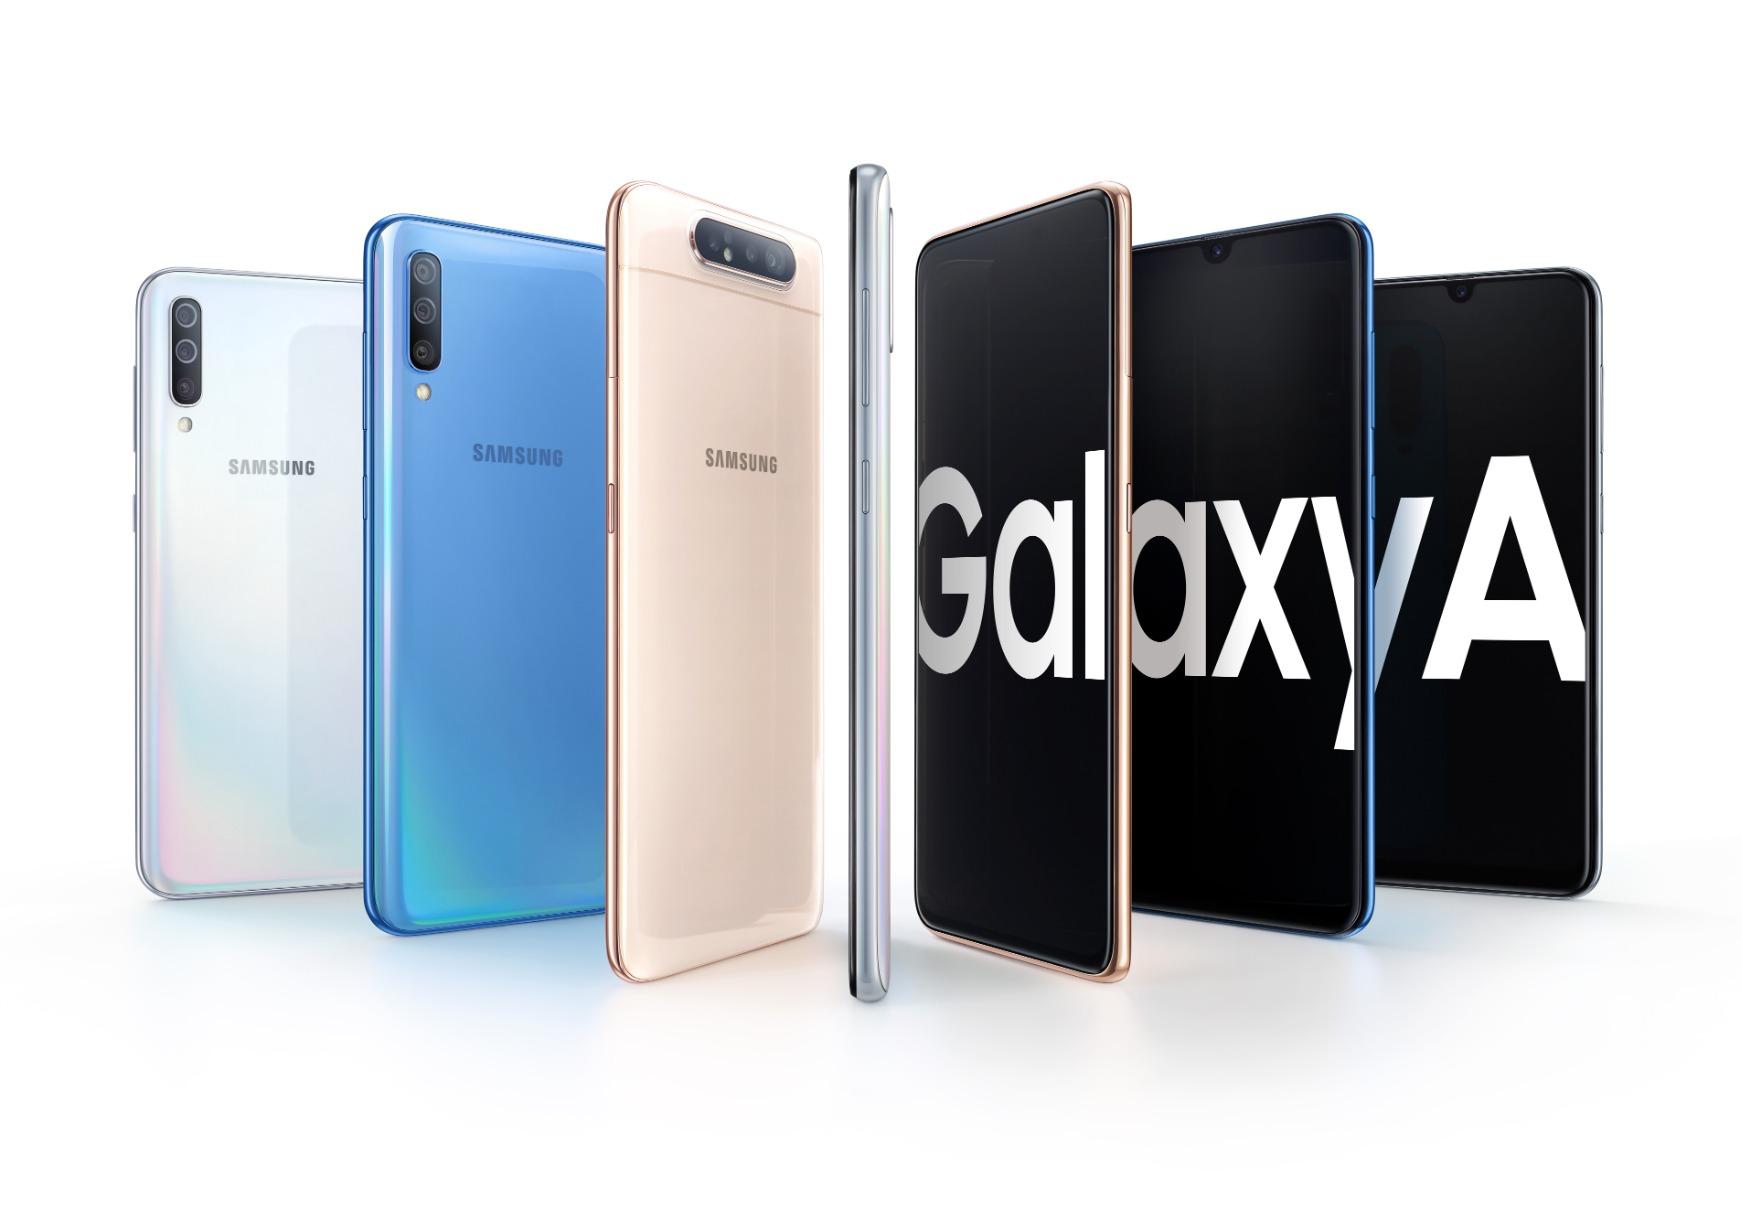 Samsung Galaxy A-Serie 2020: Angeblich bis zu 108 MP in den Kameras